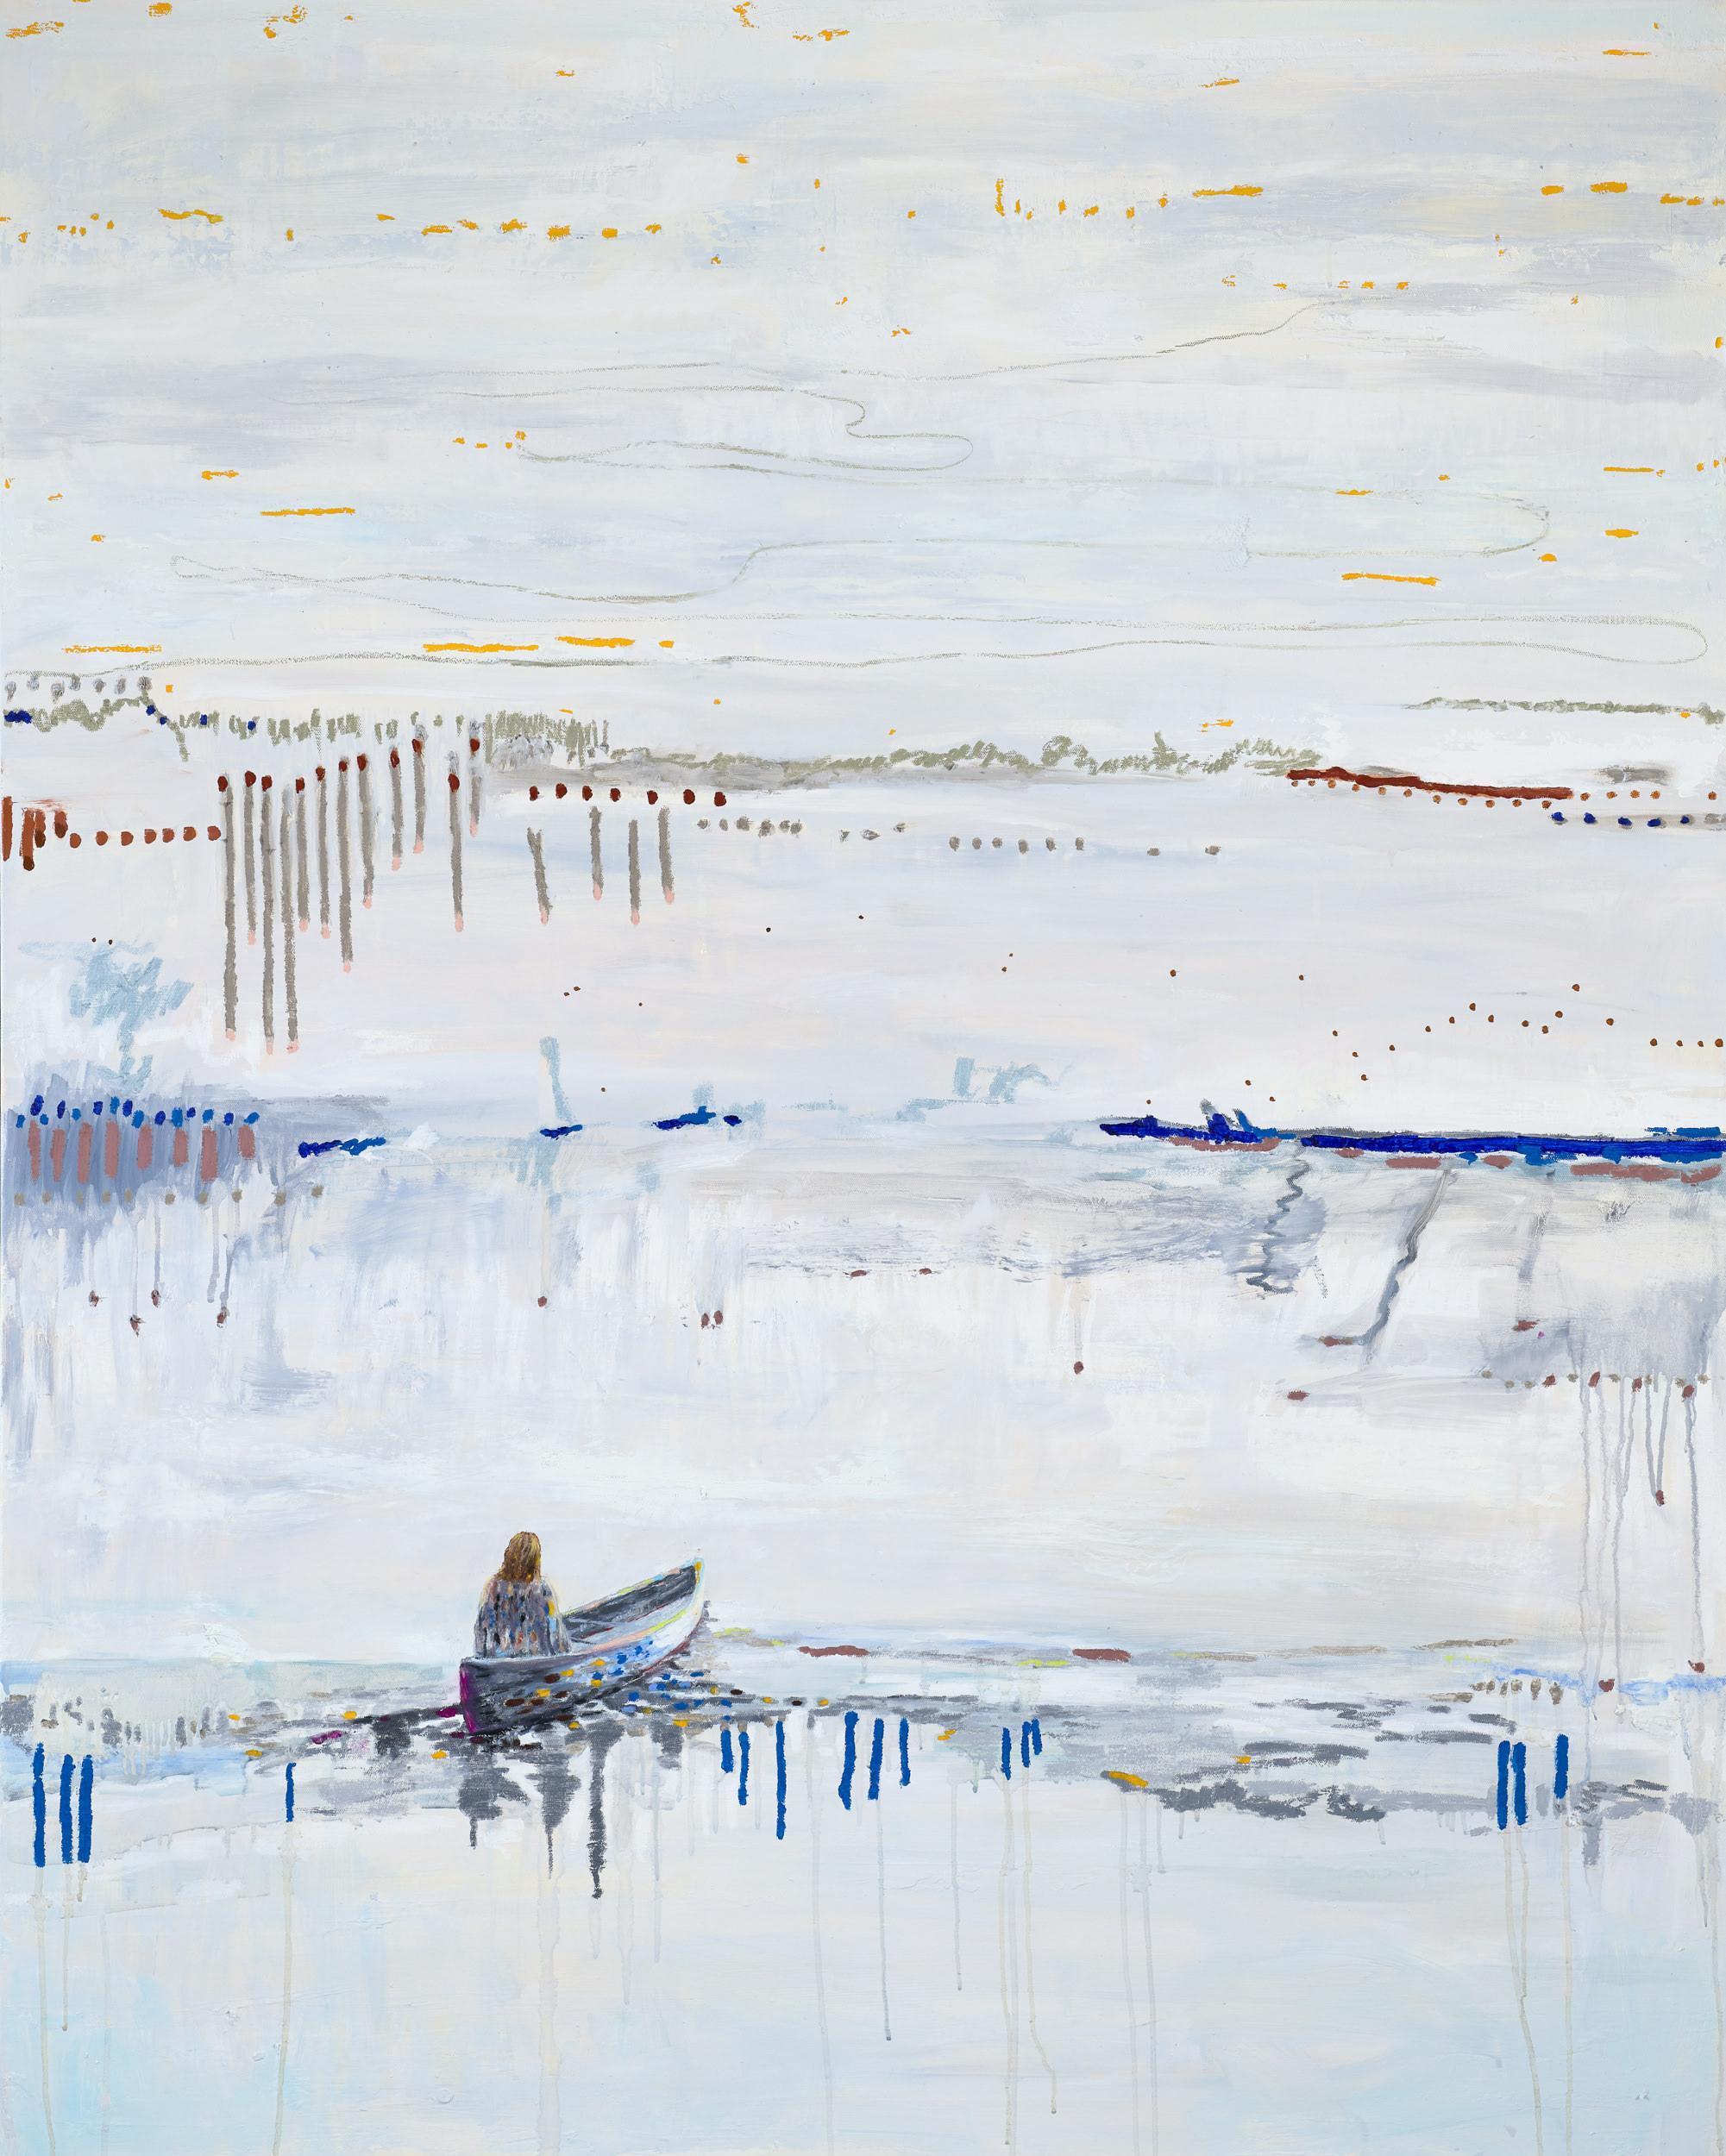 The_little_grey_boat_oil_oil_sticks_pastel_on_linen_150_x_120_x_3cm_2019.jpg